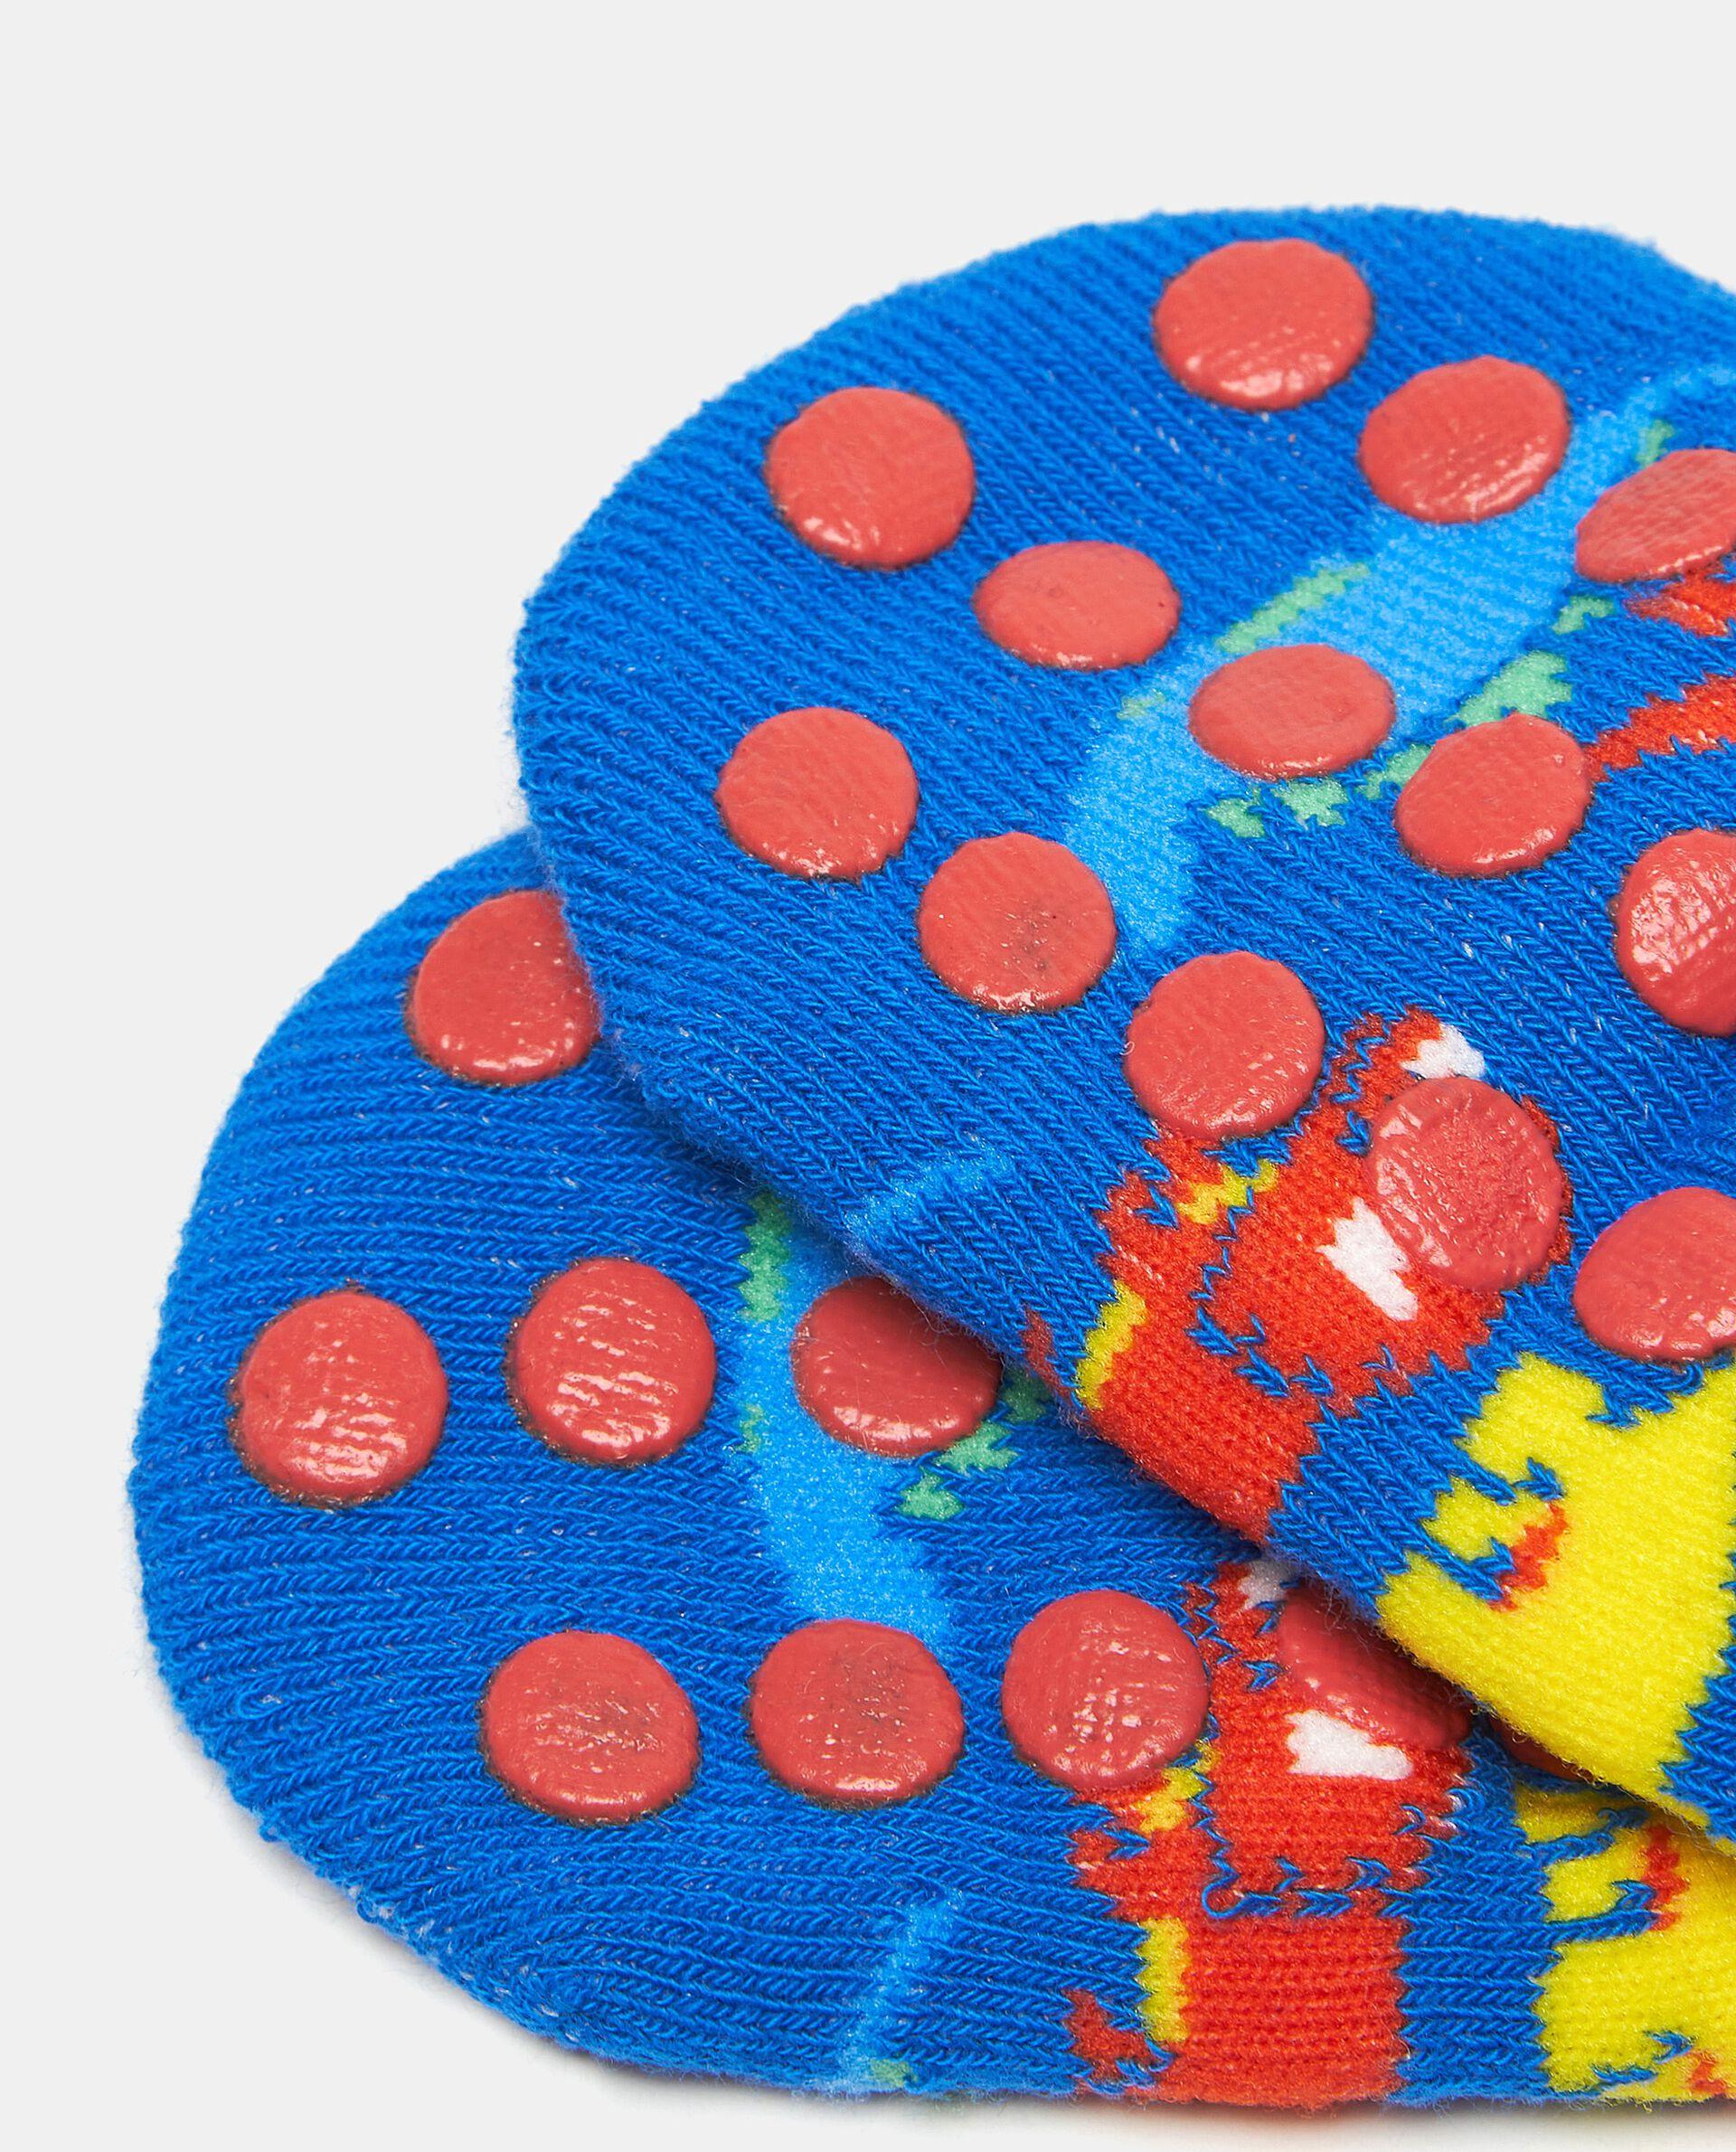 Calzini antiscivolo in fantasia di cotone elasticato neonato